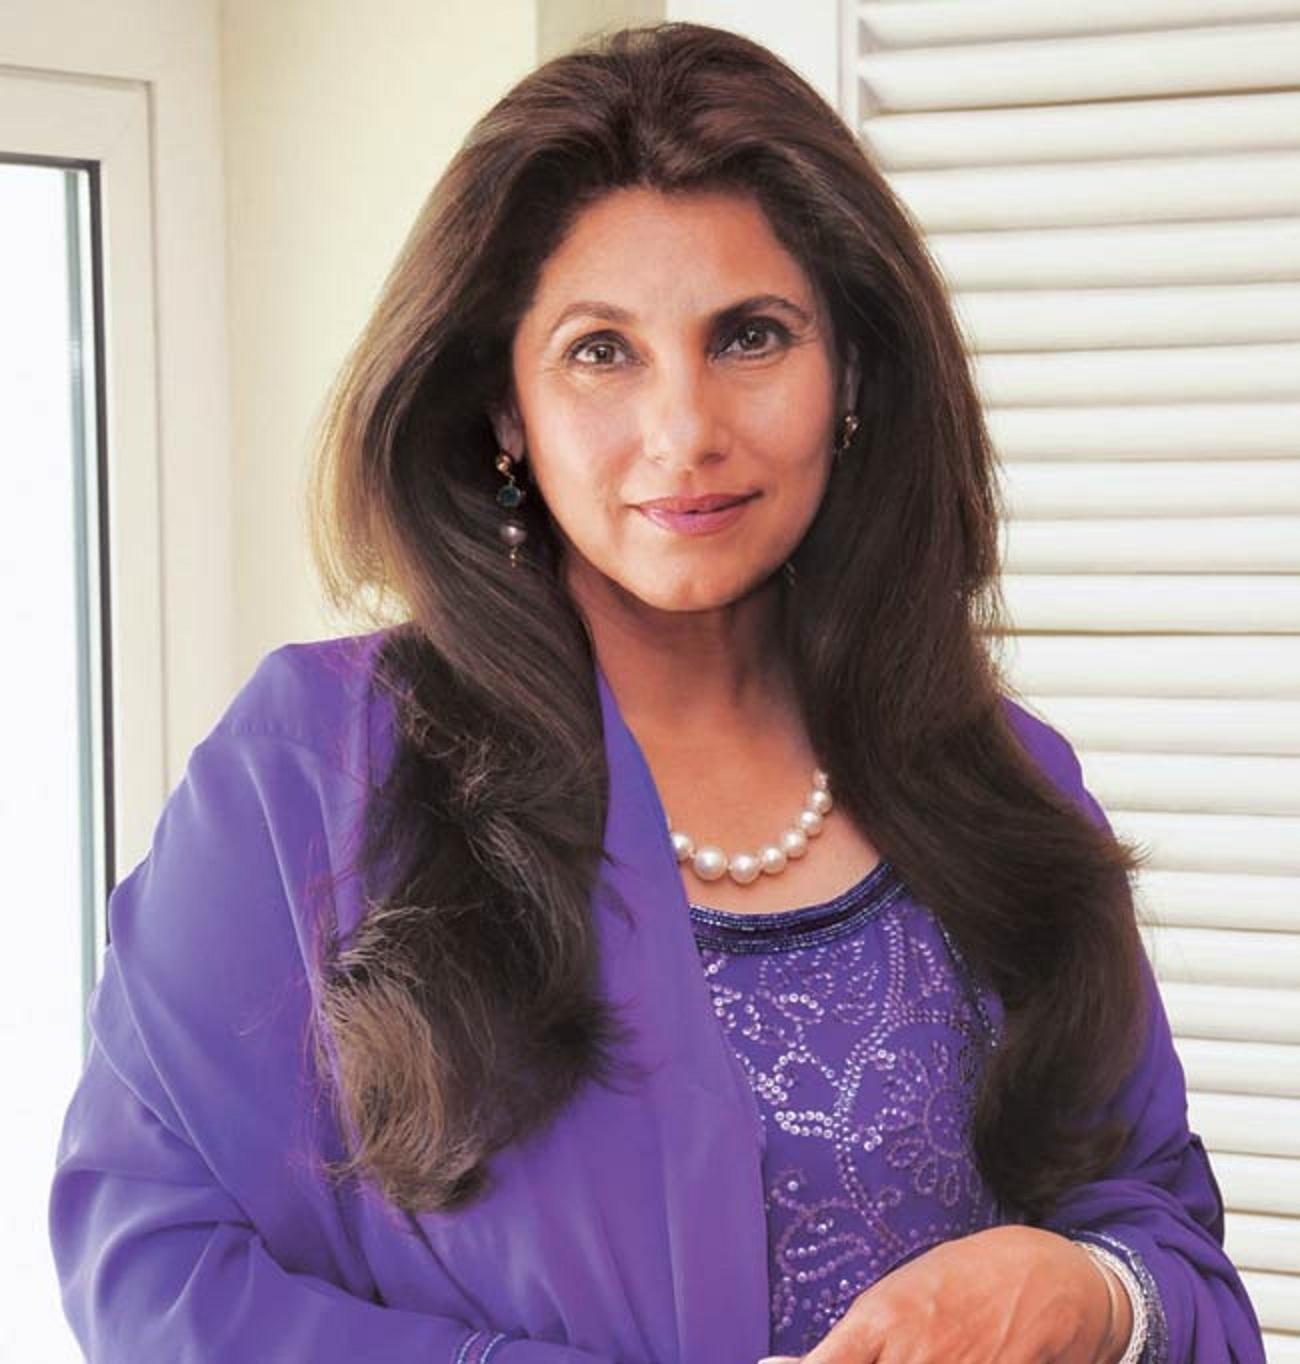 अक्षय कुमार से शादी कराने को तैयार नहीं थी ट्विंकल खन्ना की माँ, इस शर्त पर हुई थी राजी